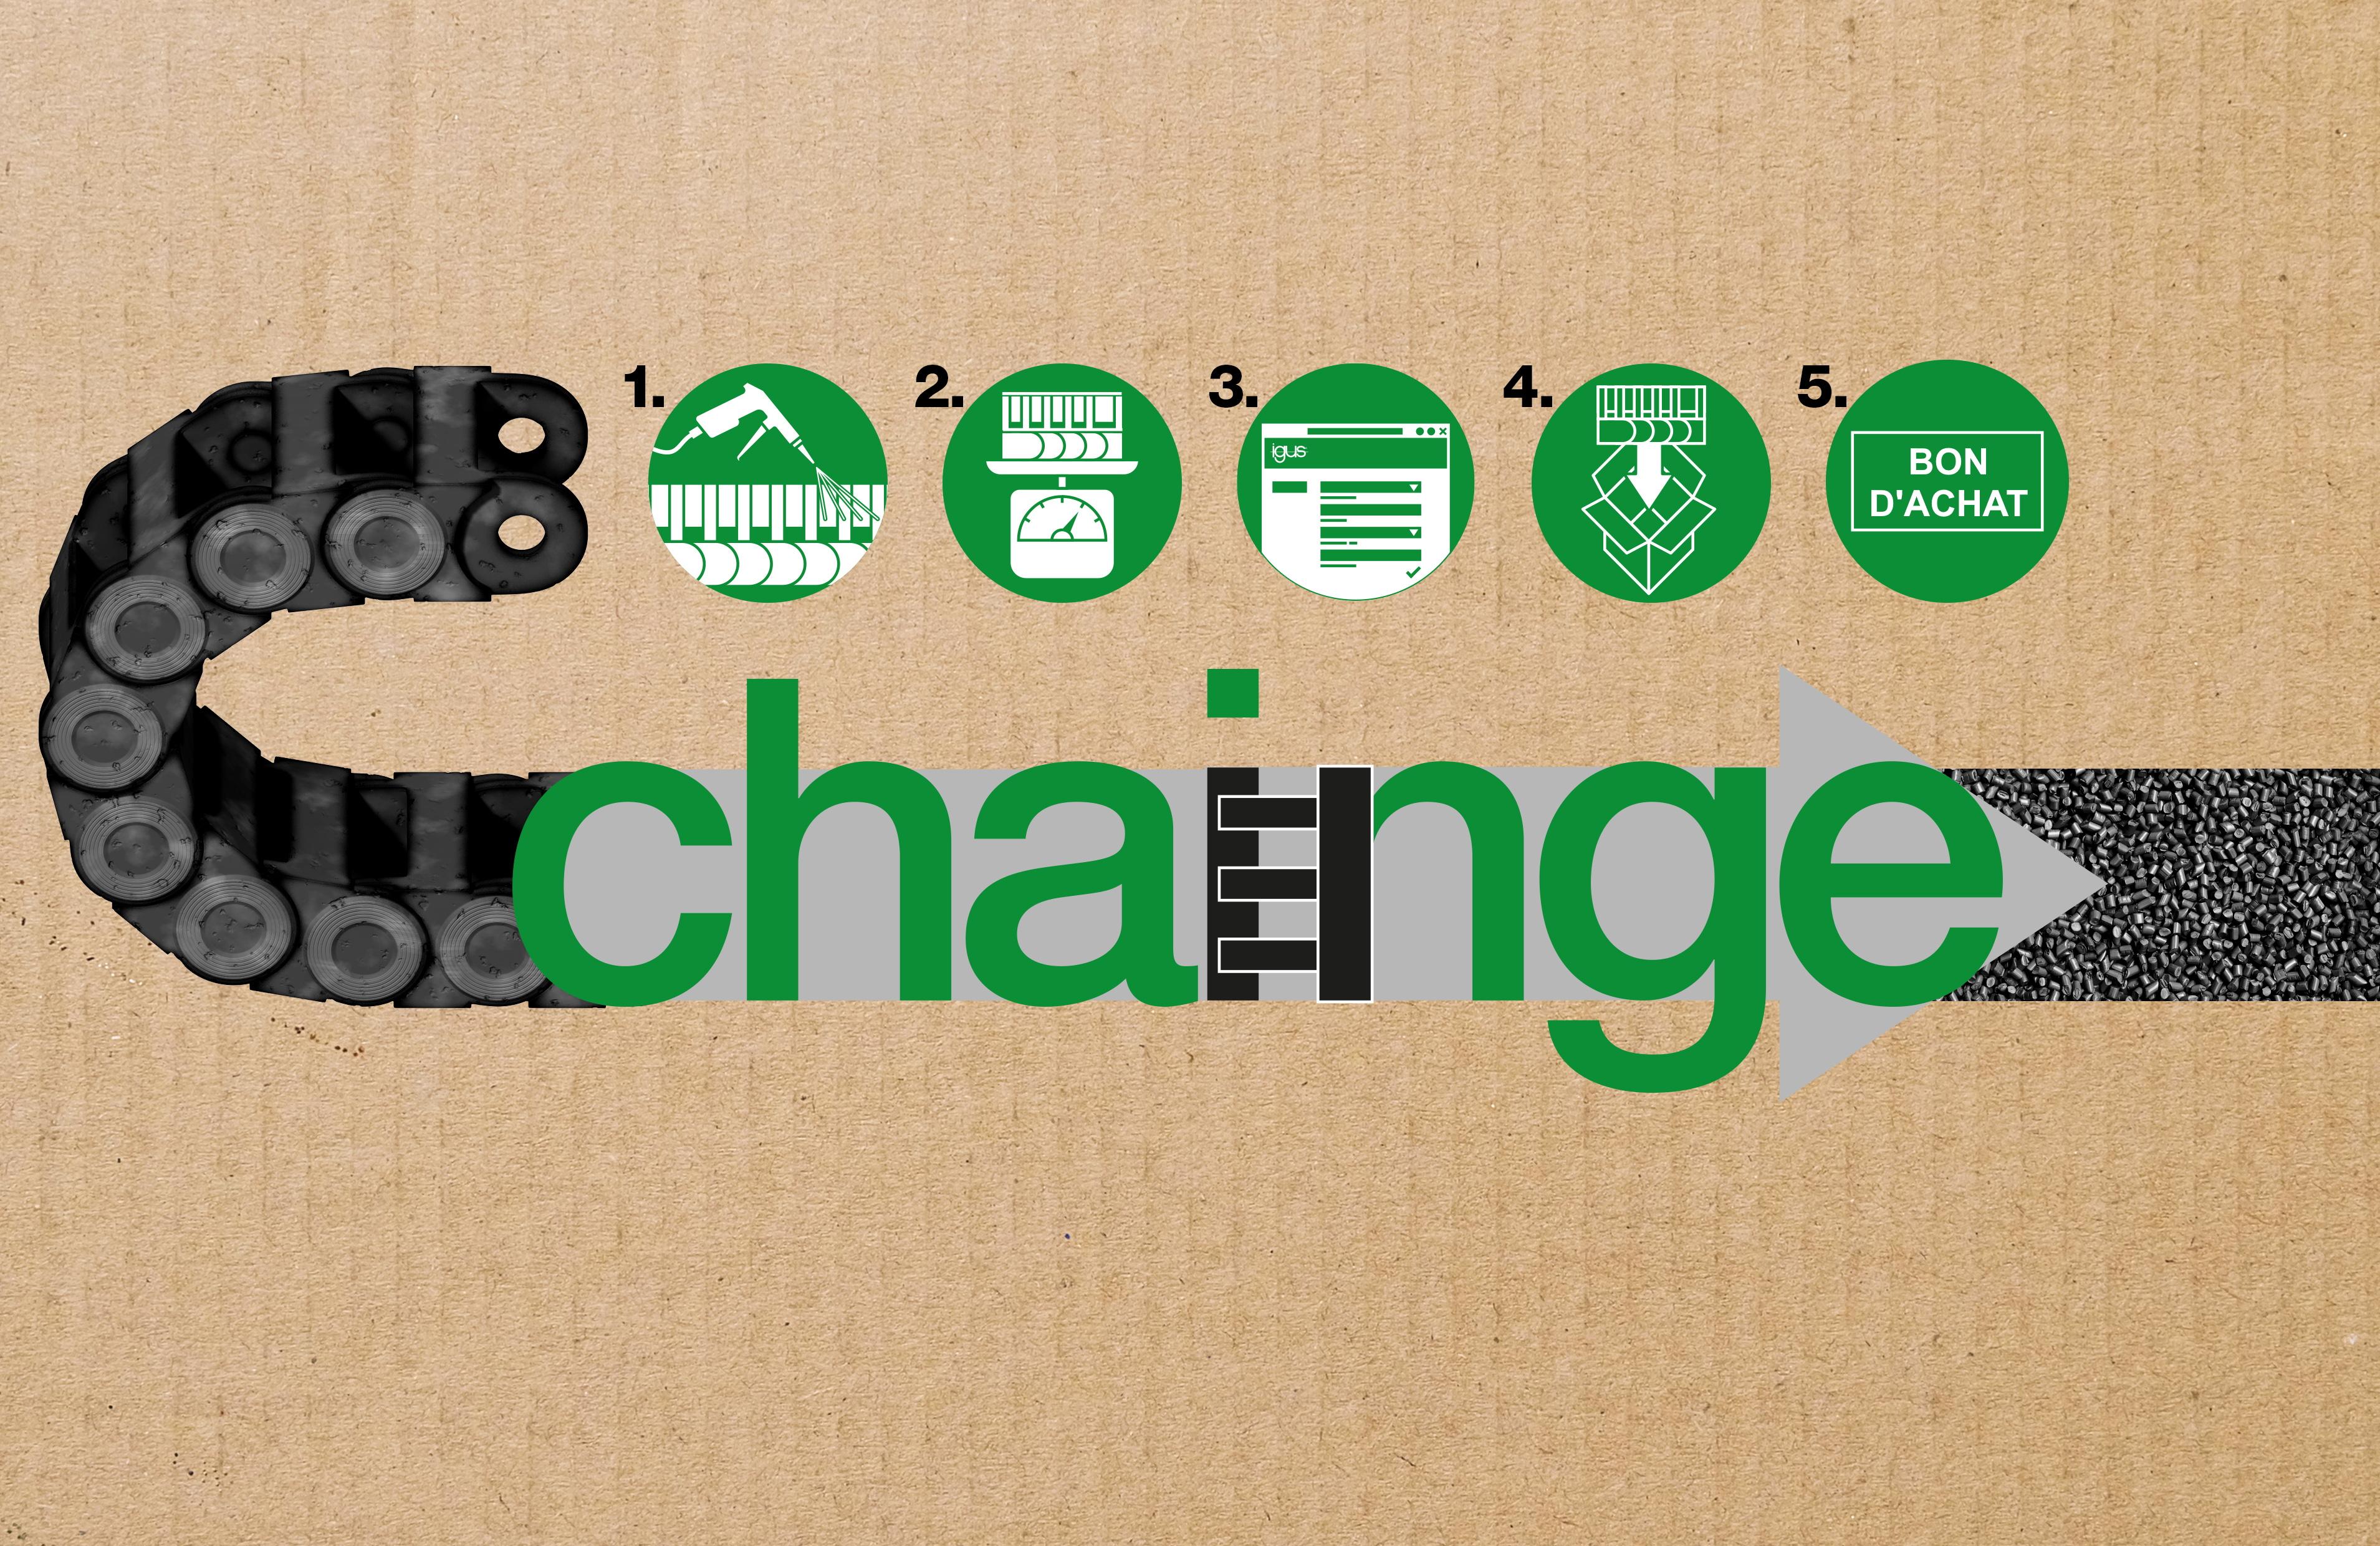 Programme de recyclage chainge par igus